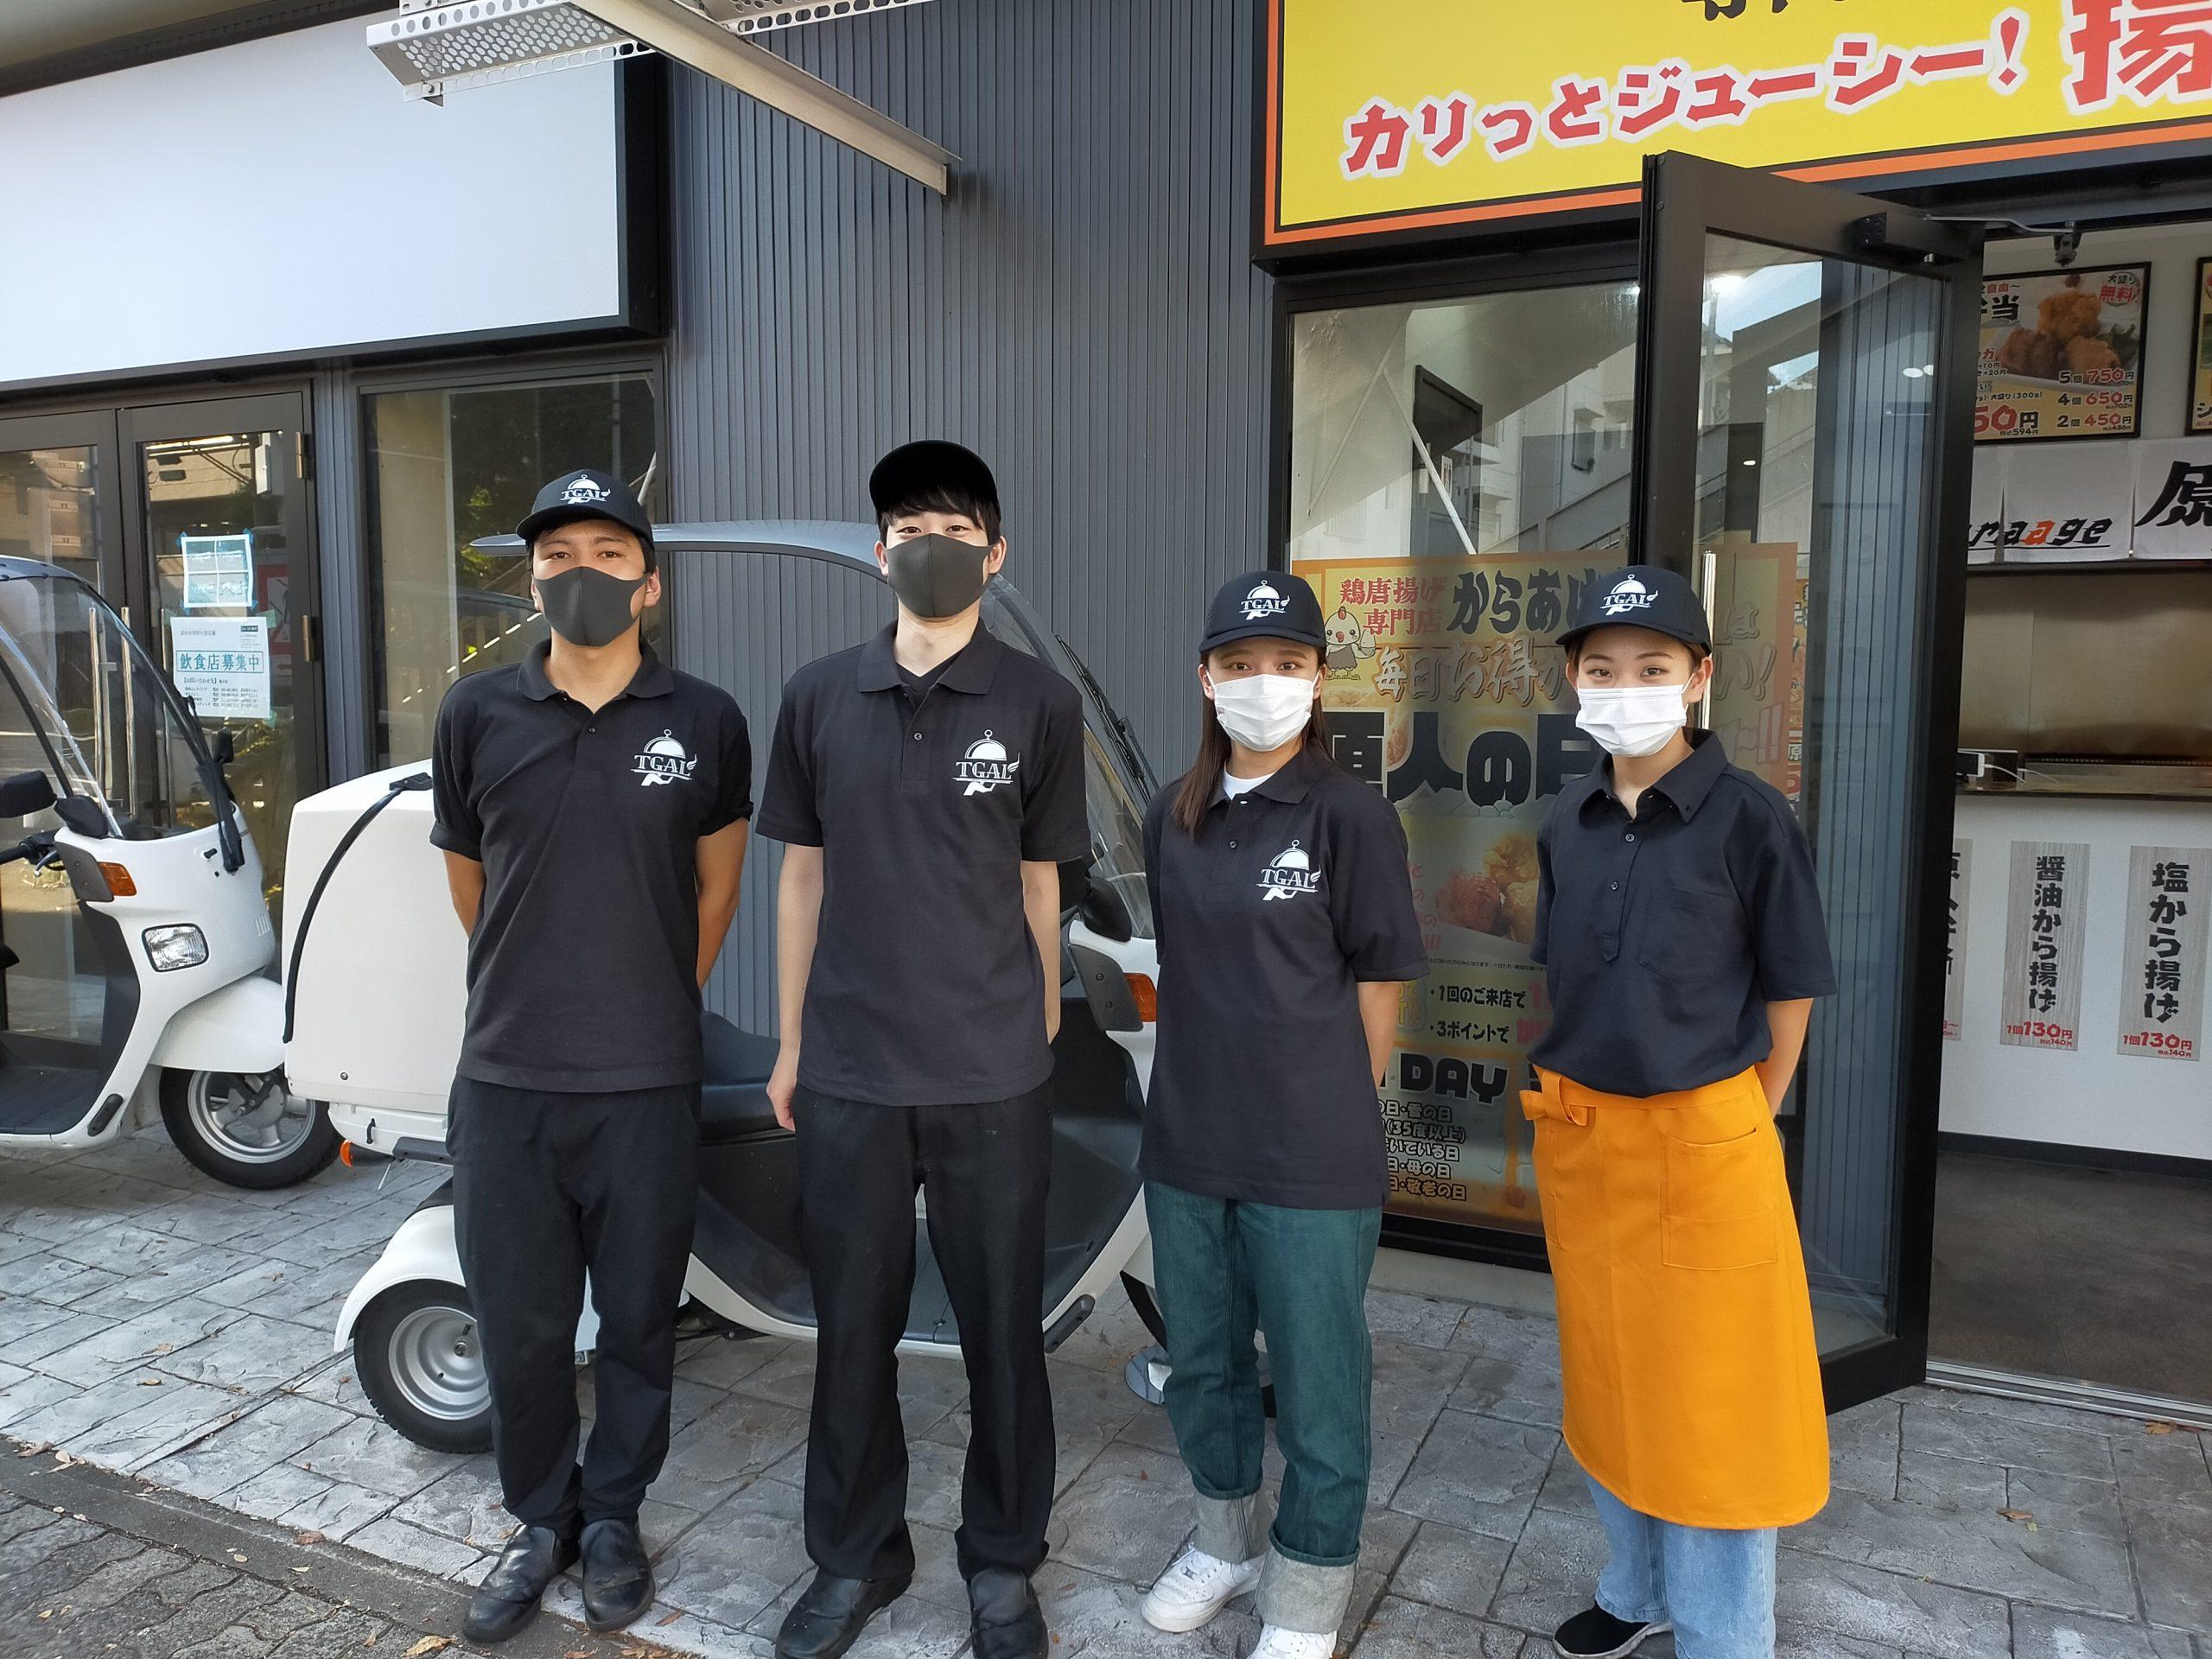 【新店舗】TGALデリバリー調布店が9月29日にオープン致しました。